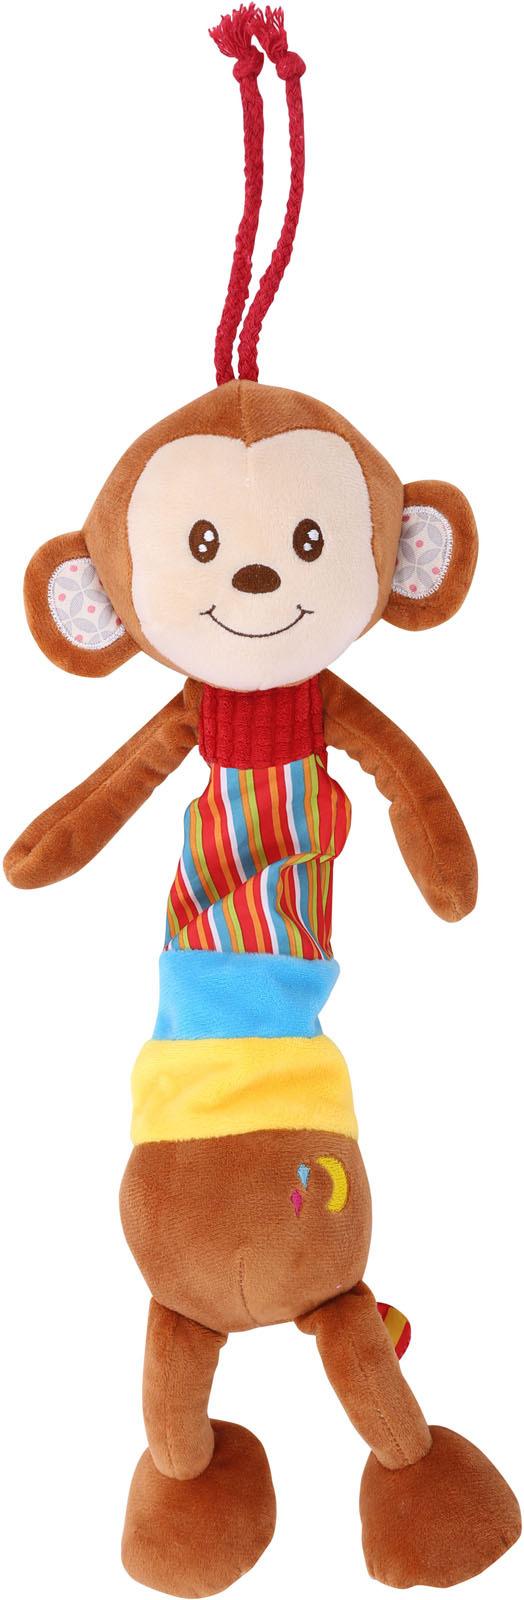 Развивающая музыкальная игрушка Lorelli Toys